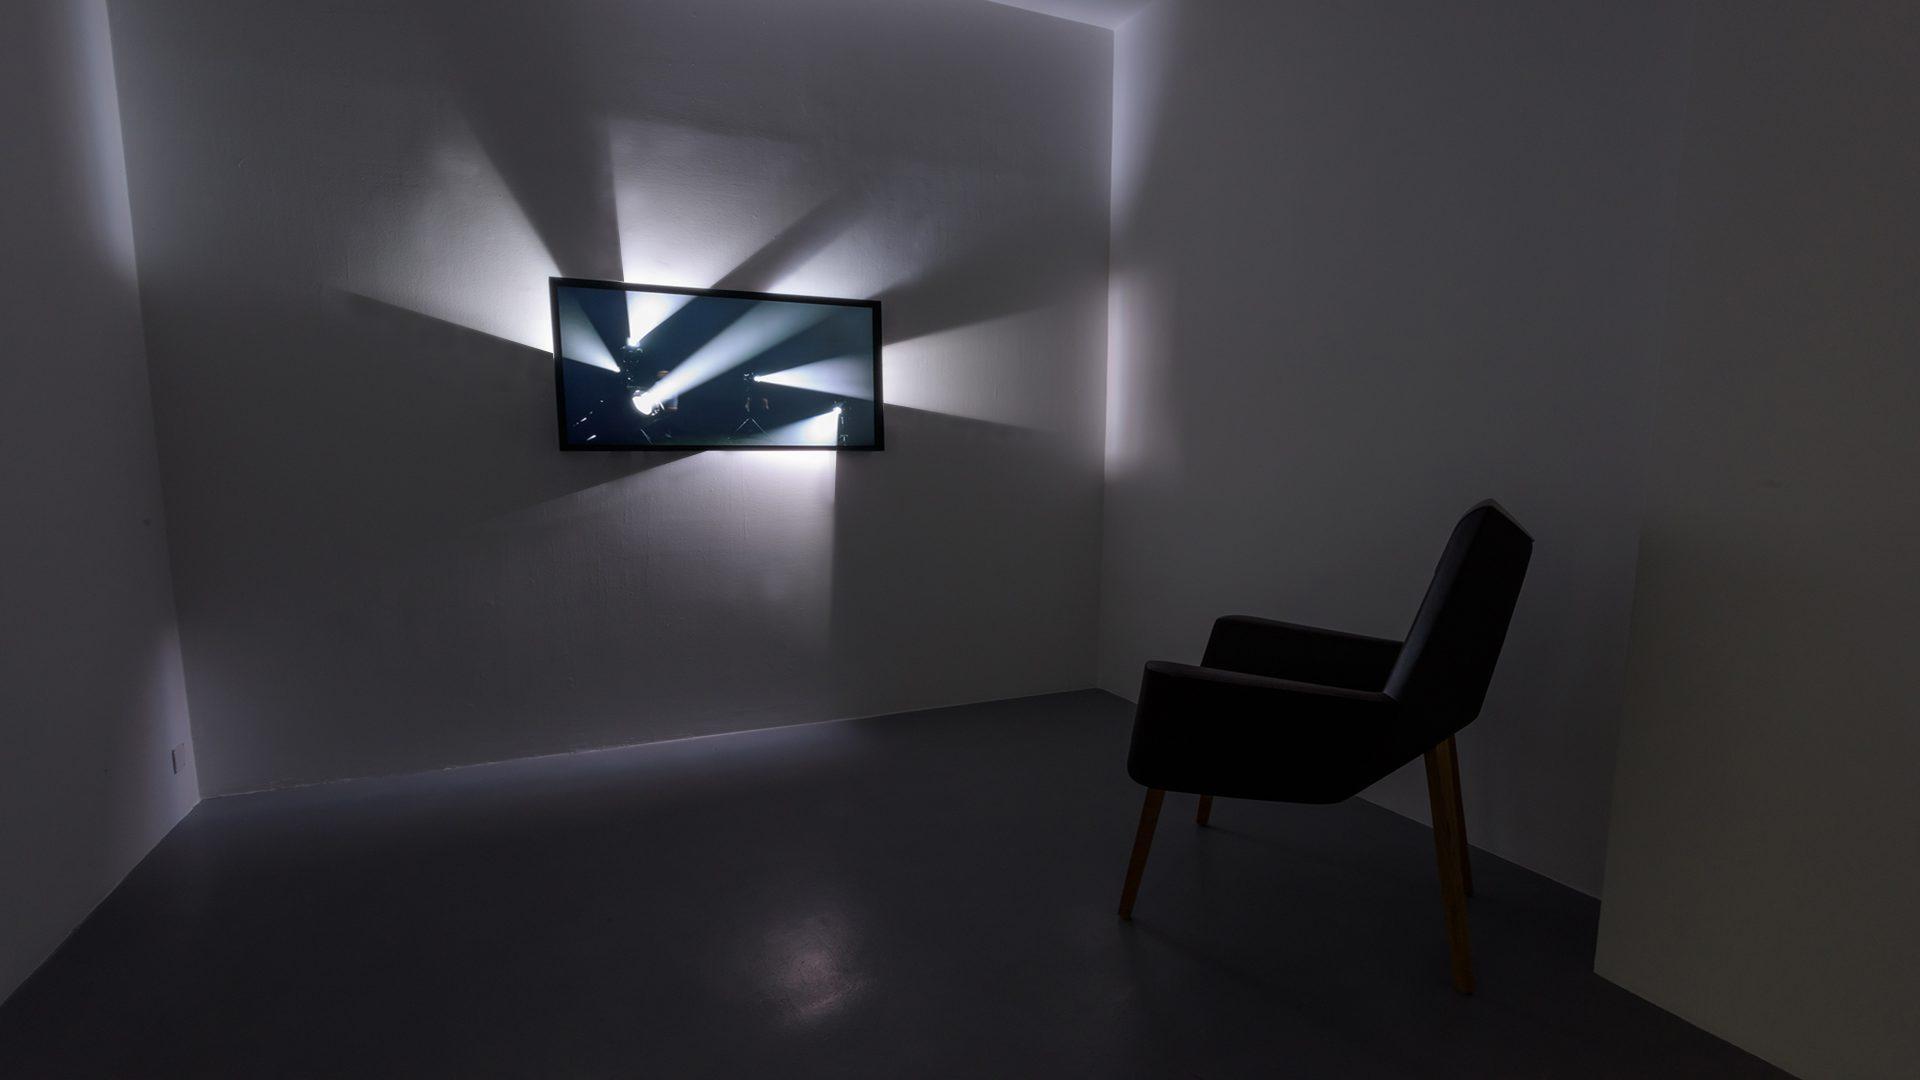 L'image éclaire - Écran Faisceaux - Galerie Michel Rein Paris, 2016 / Credits : Florian Kleinefenn